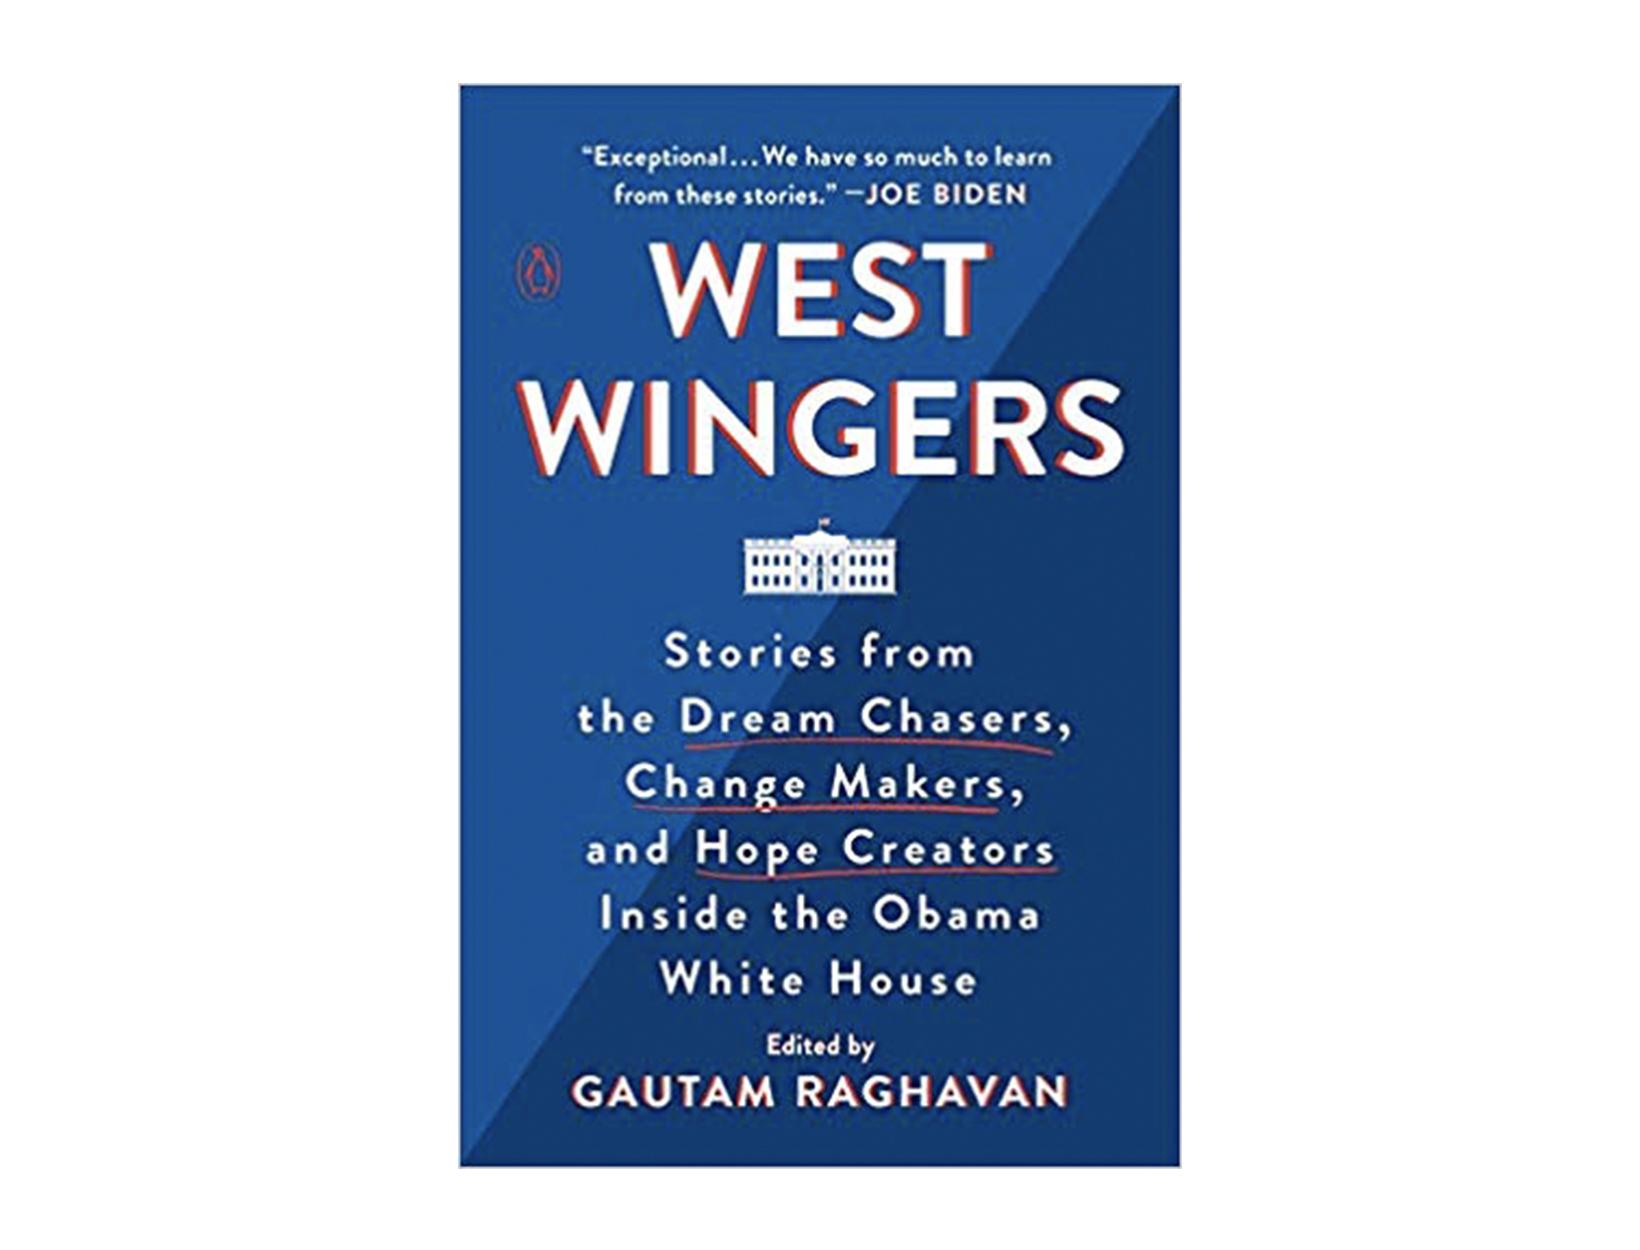 <em>Gautam Raghavan